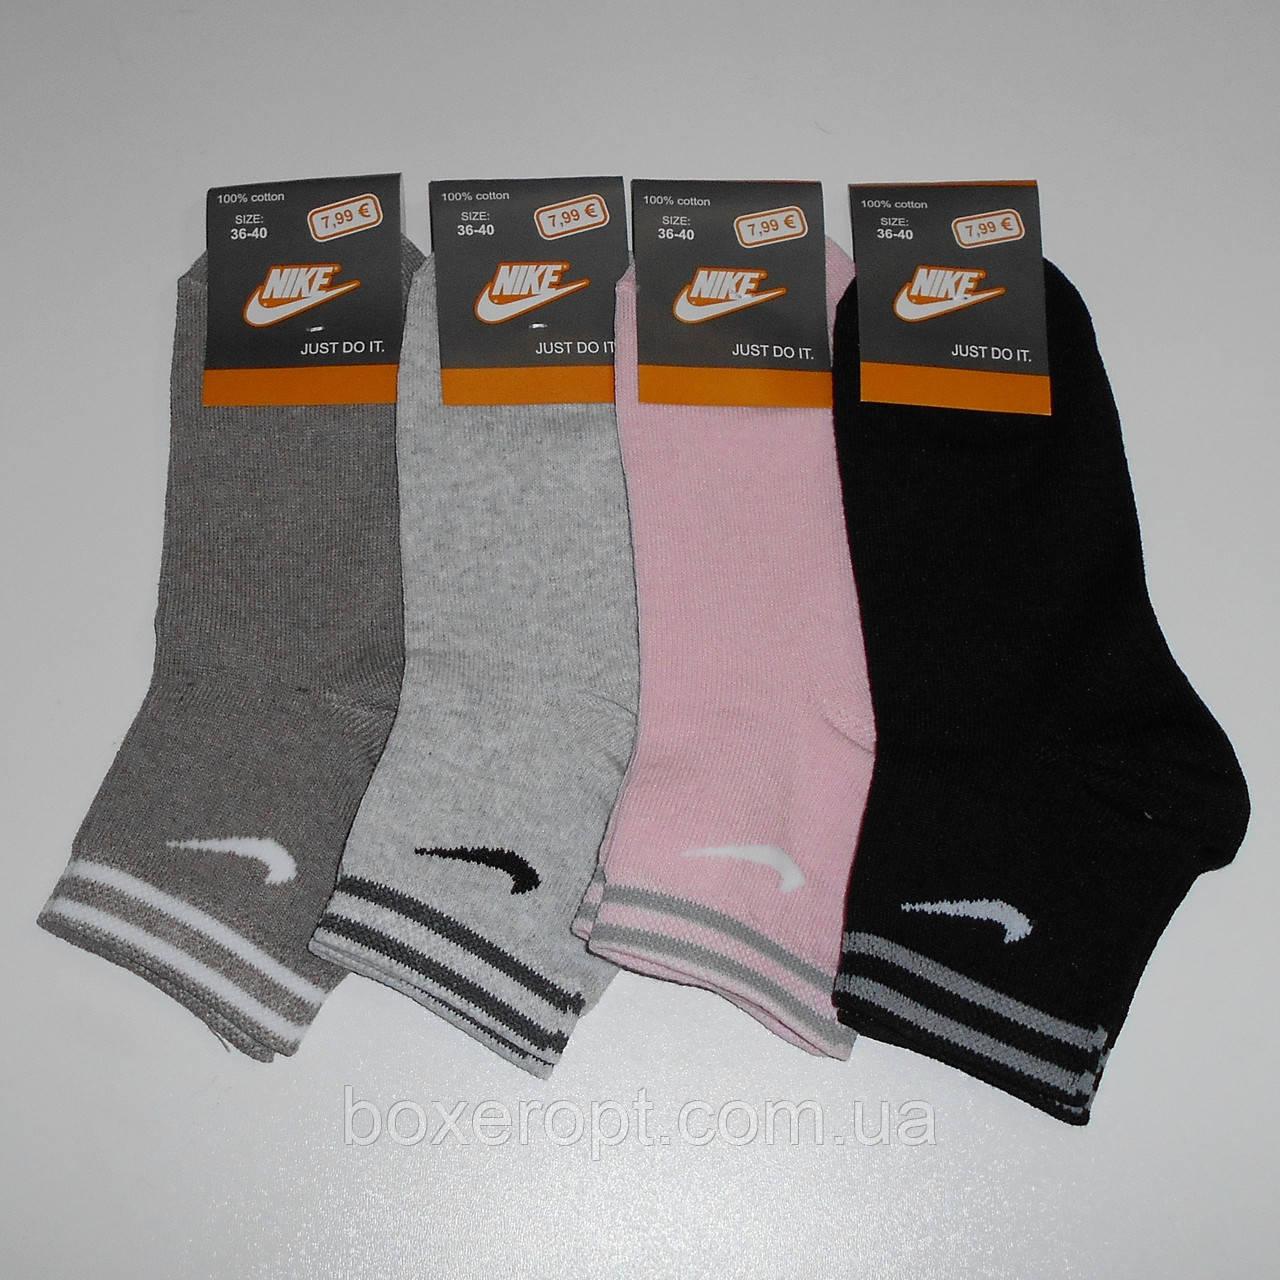 Женские носки с надписью Nike - 7.00 грн./пара (ассорти)